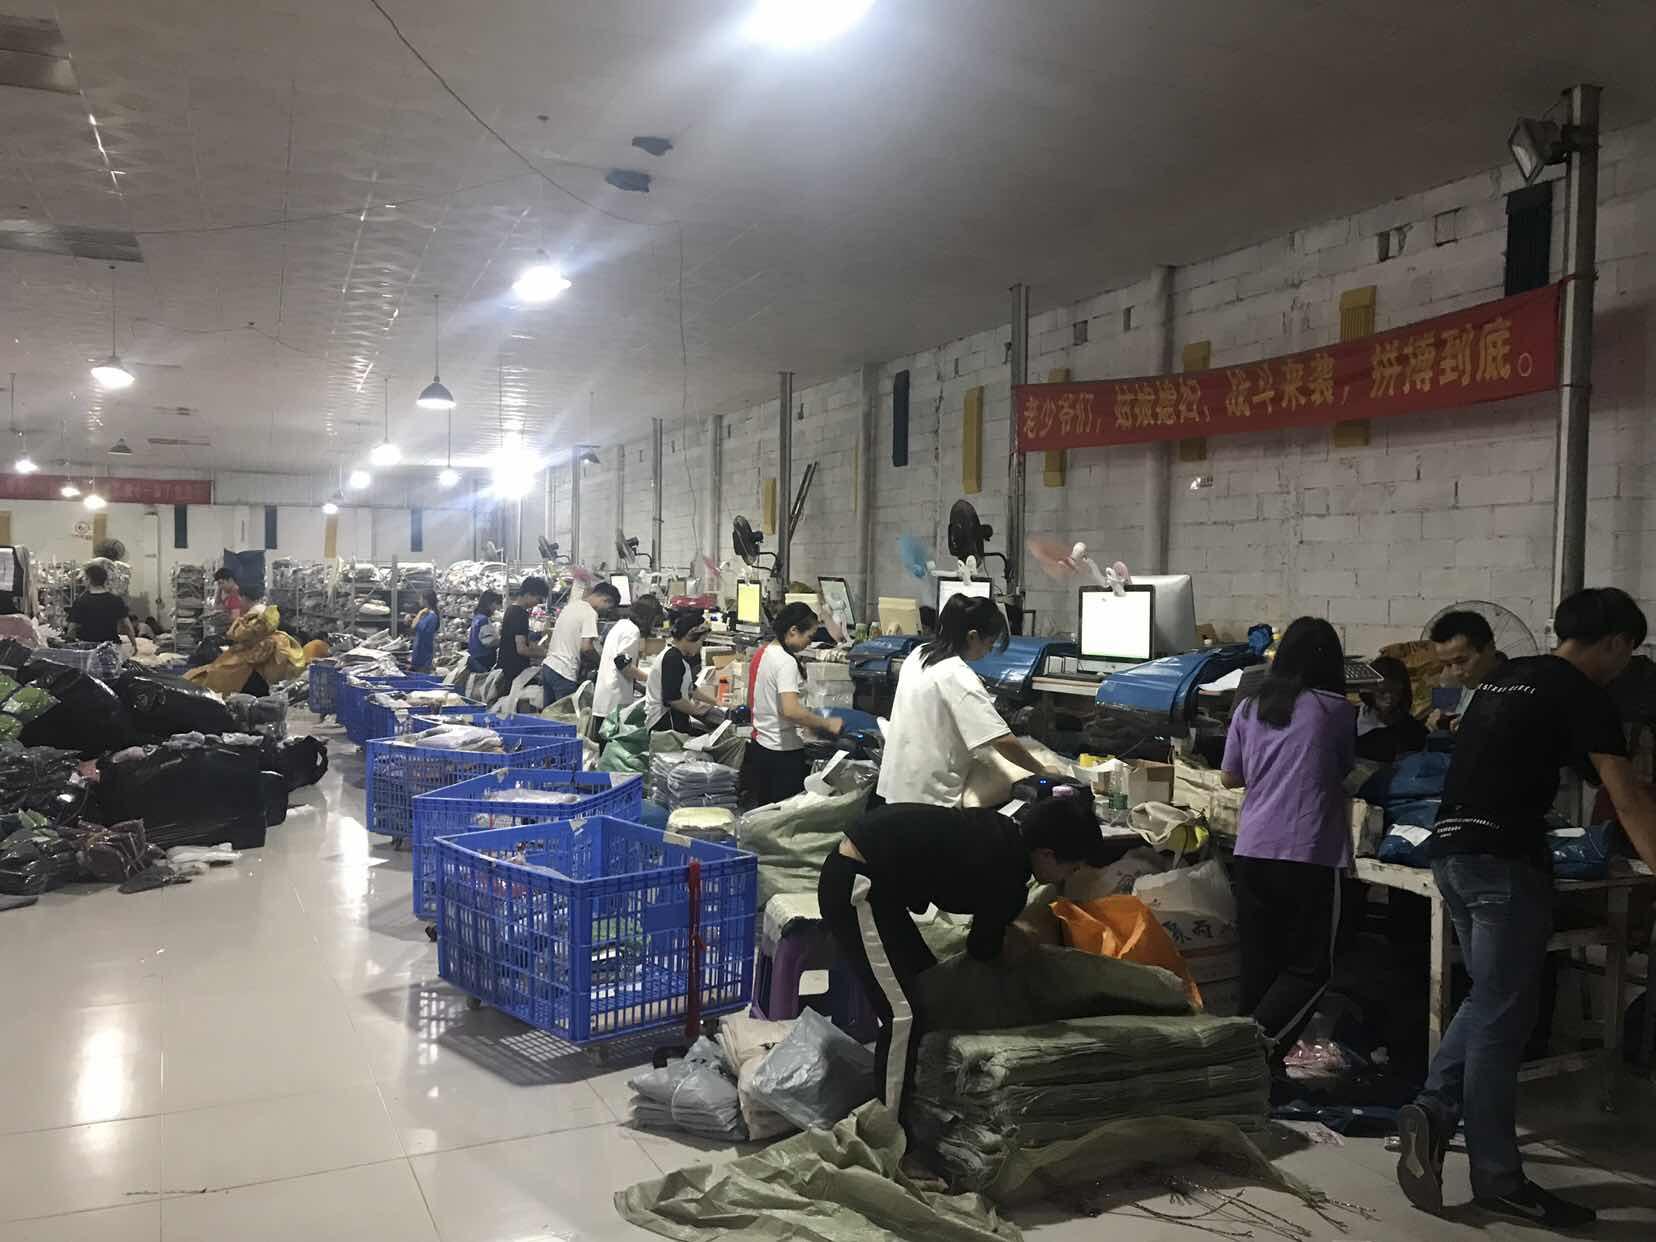 图说:双11上午,王明的仓库已经开始忙碌起来